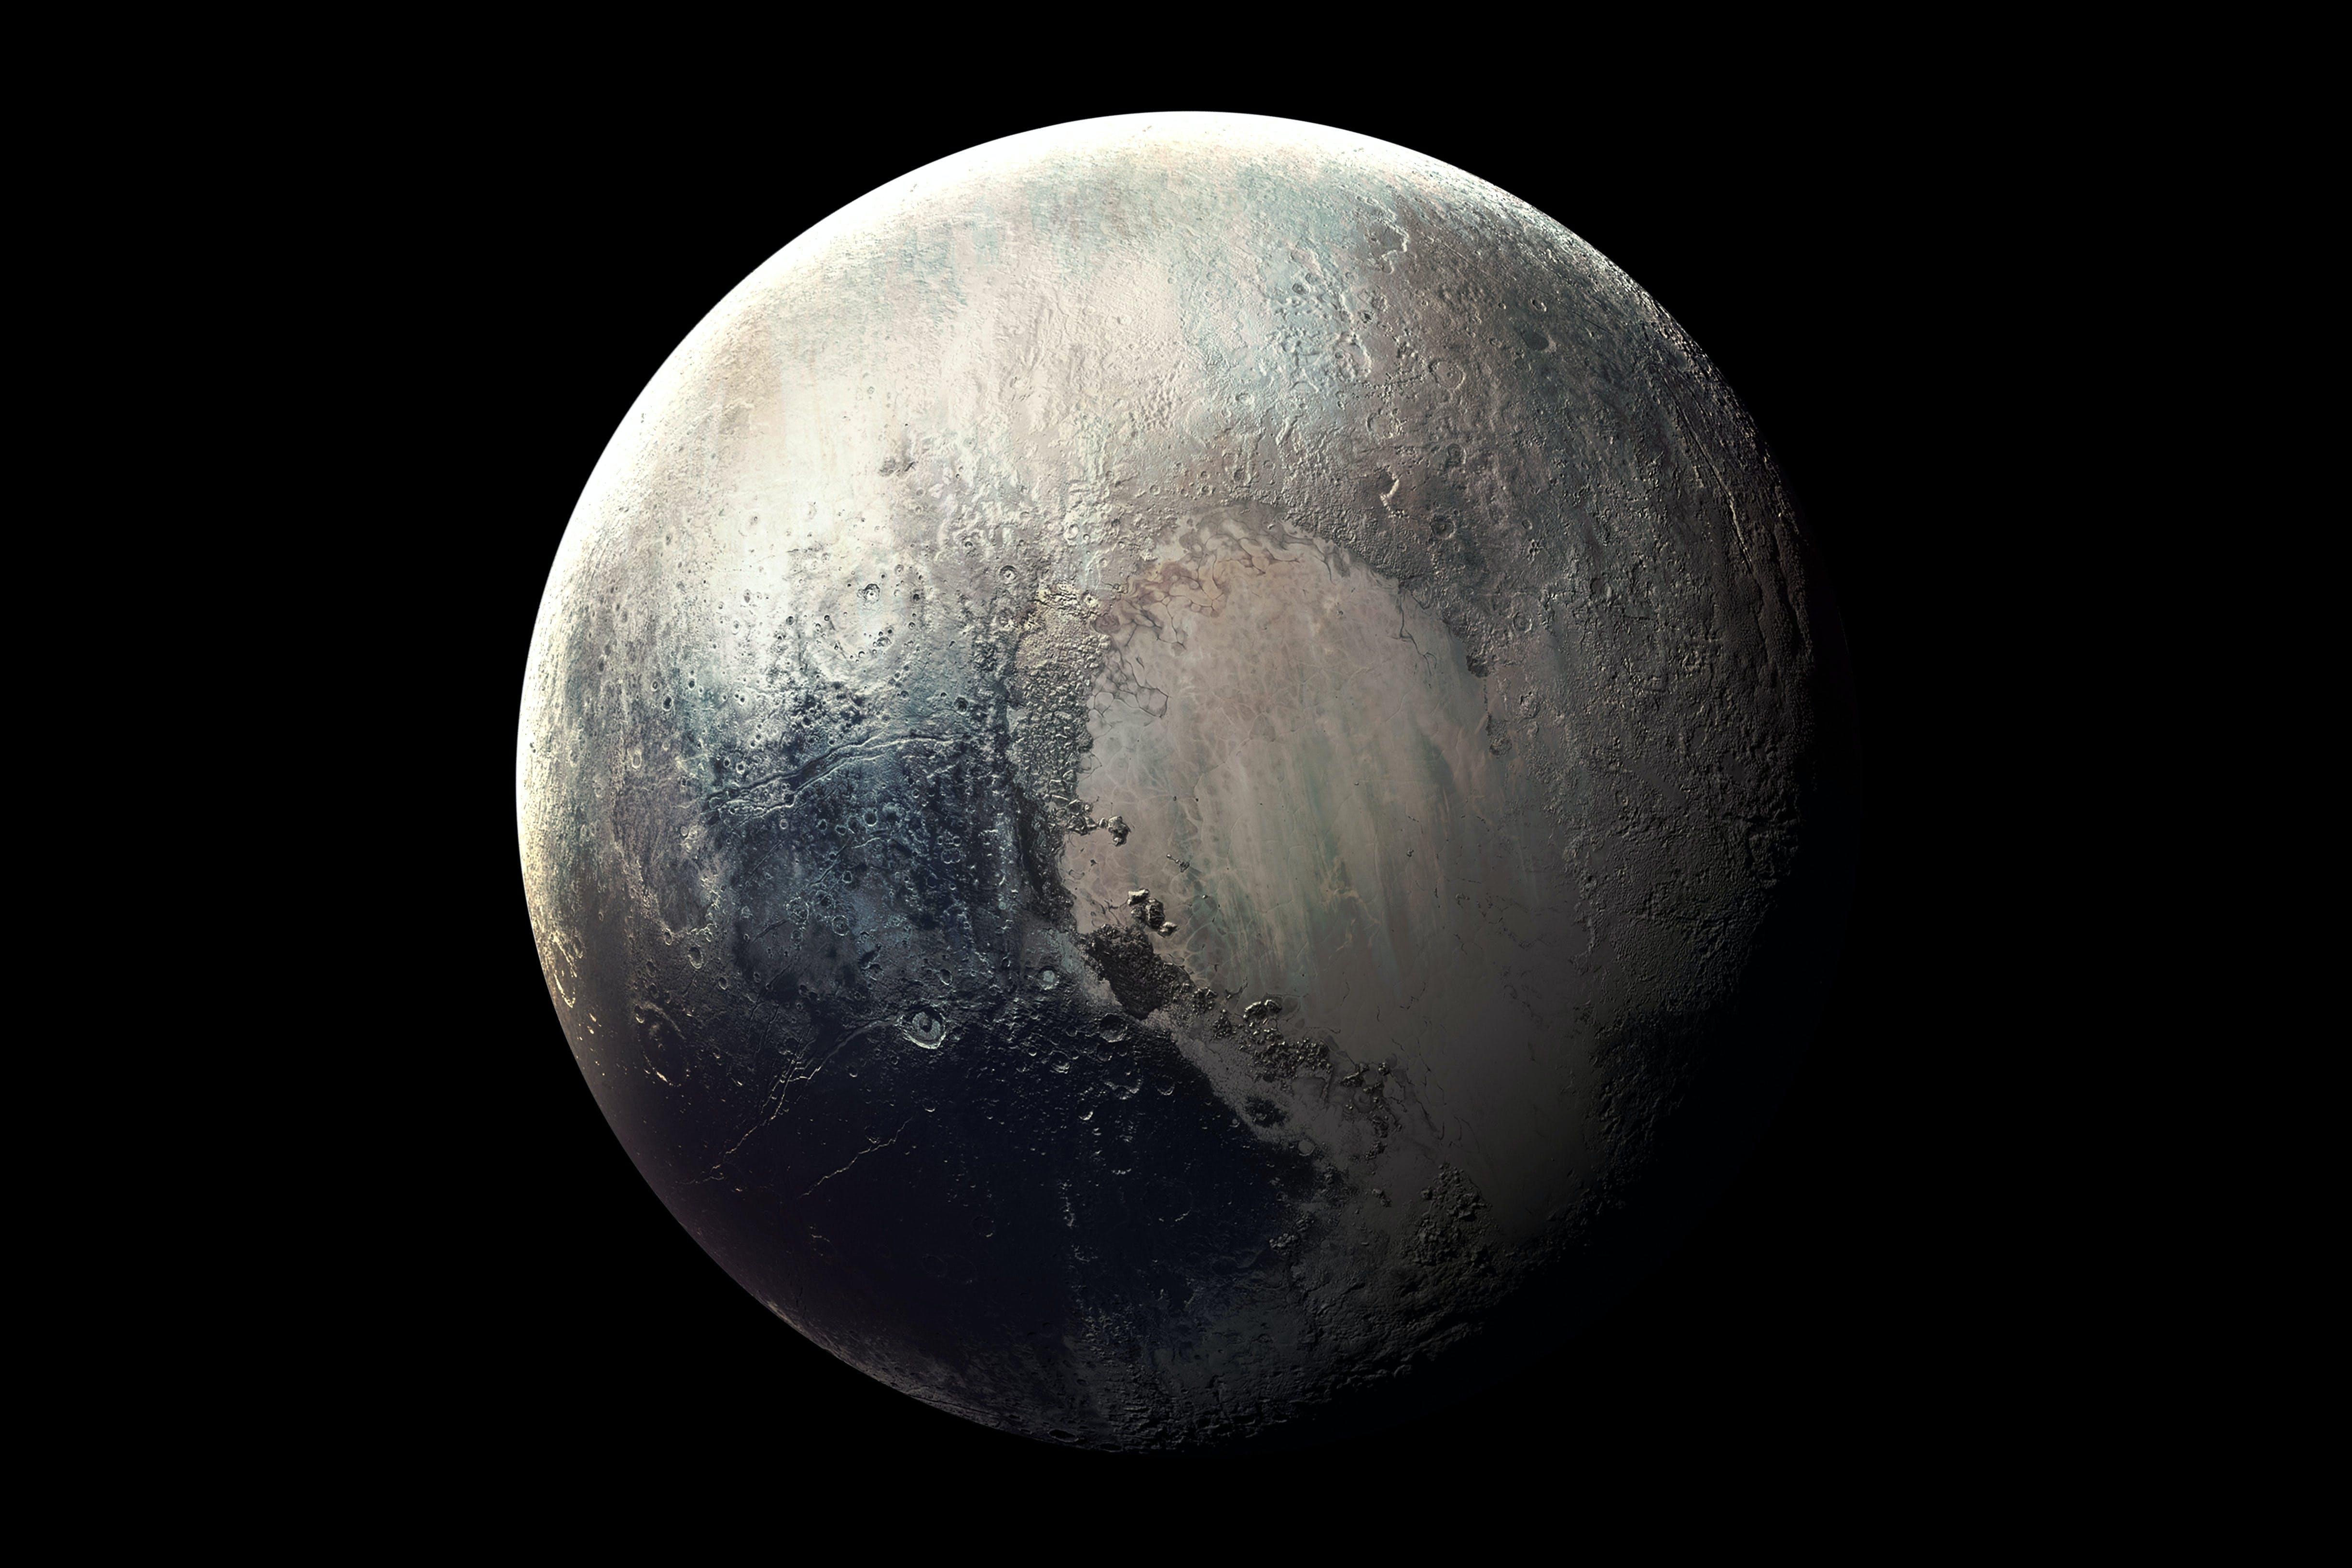 De planeet Pluto